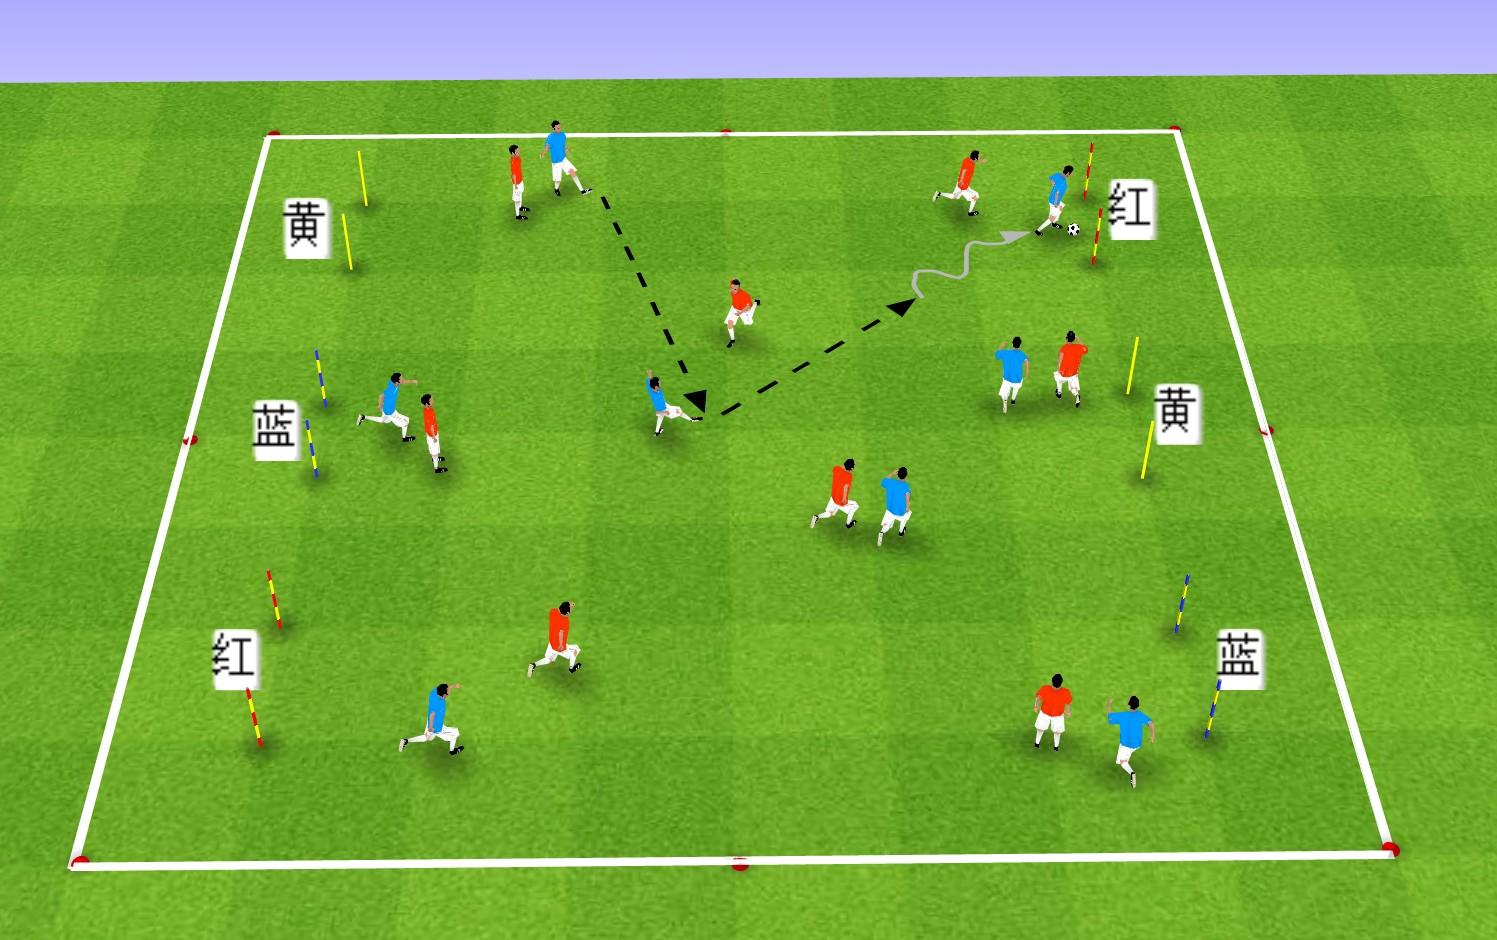 足球教案:提高球员球感和控球能力的三种训练方法